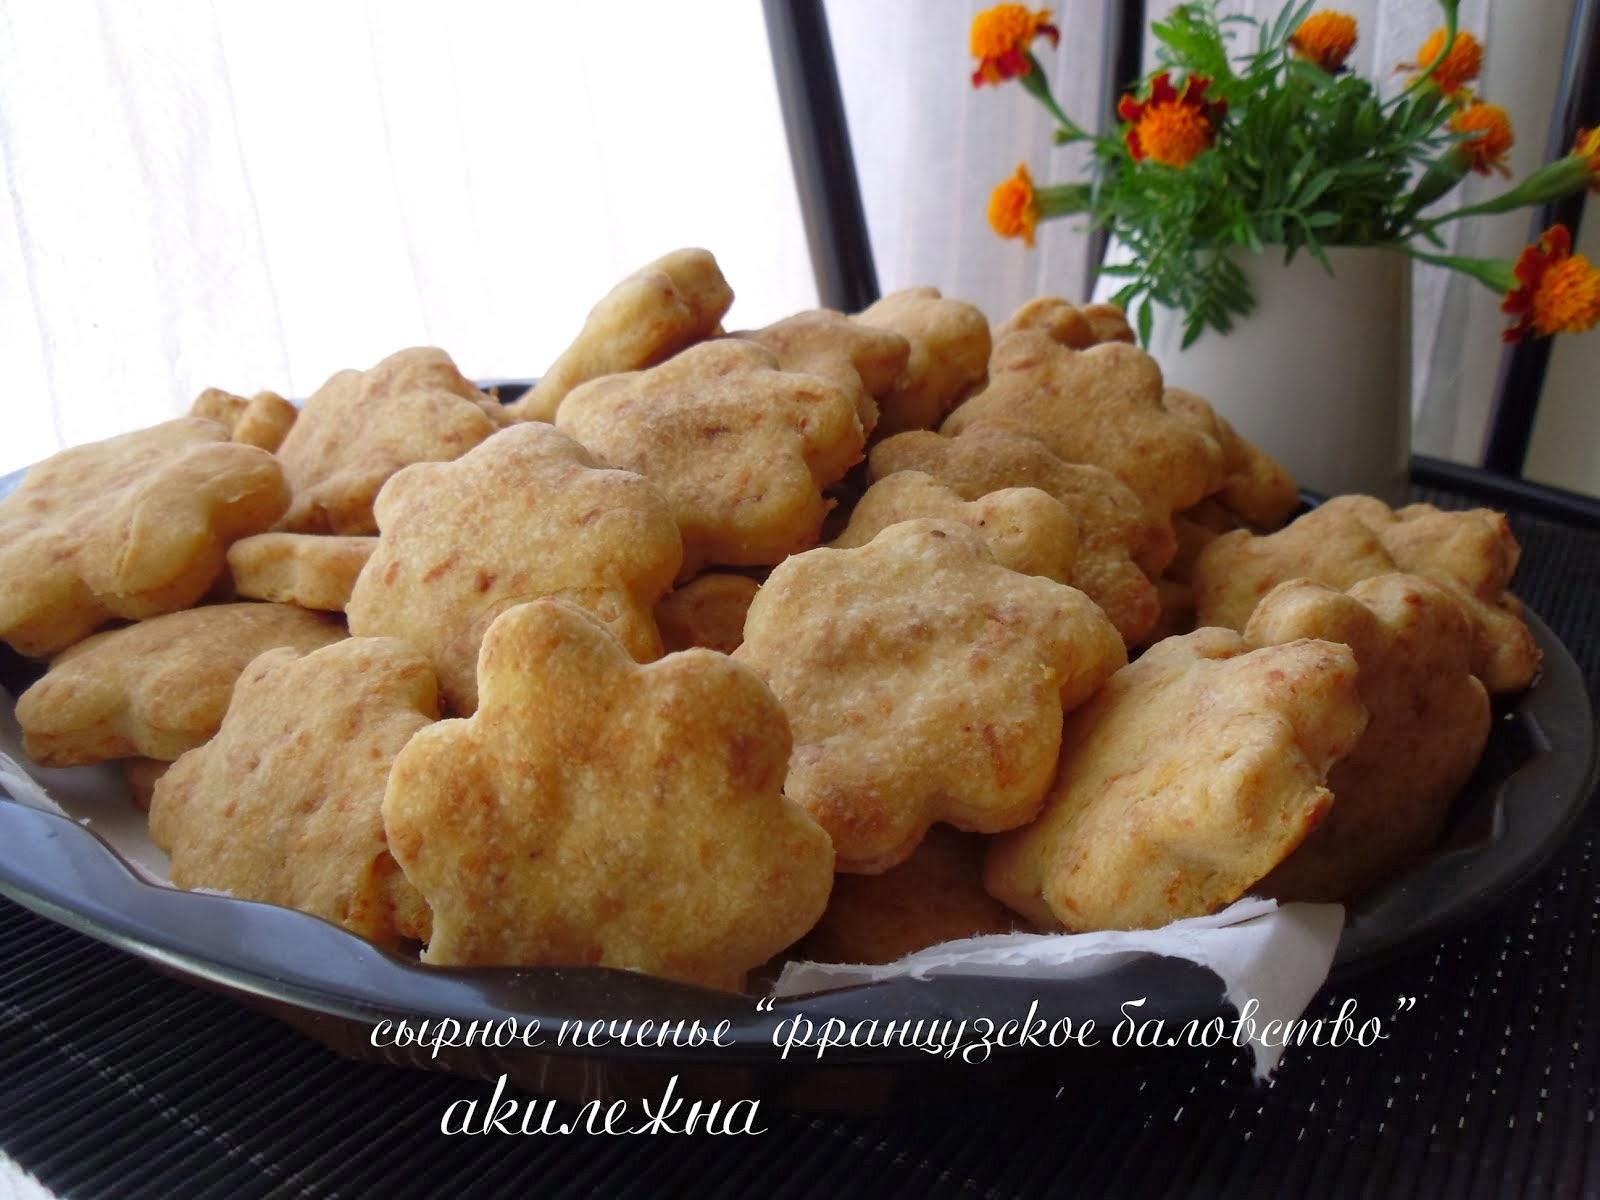 Сырное печенье «Французское баловство»